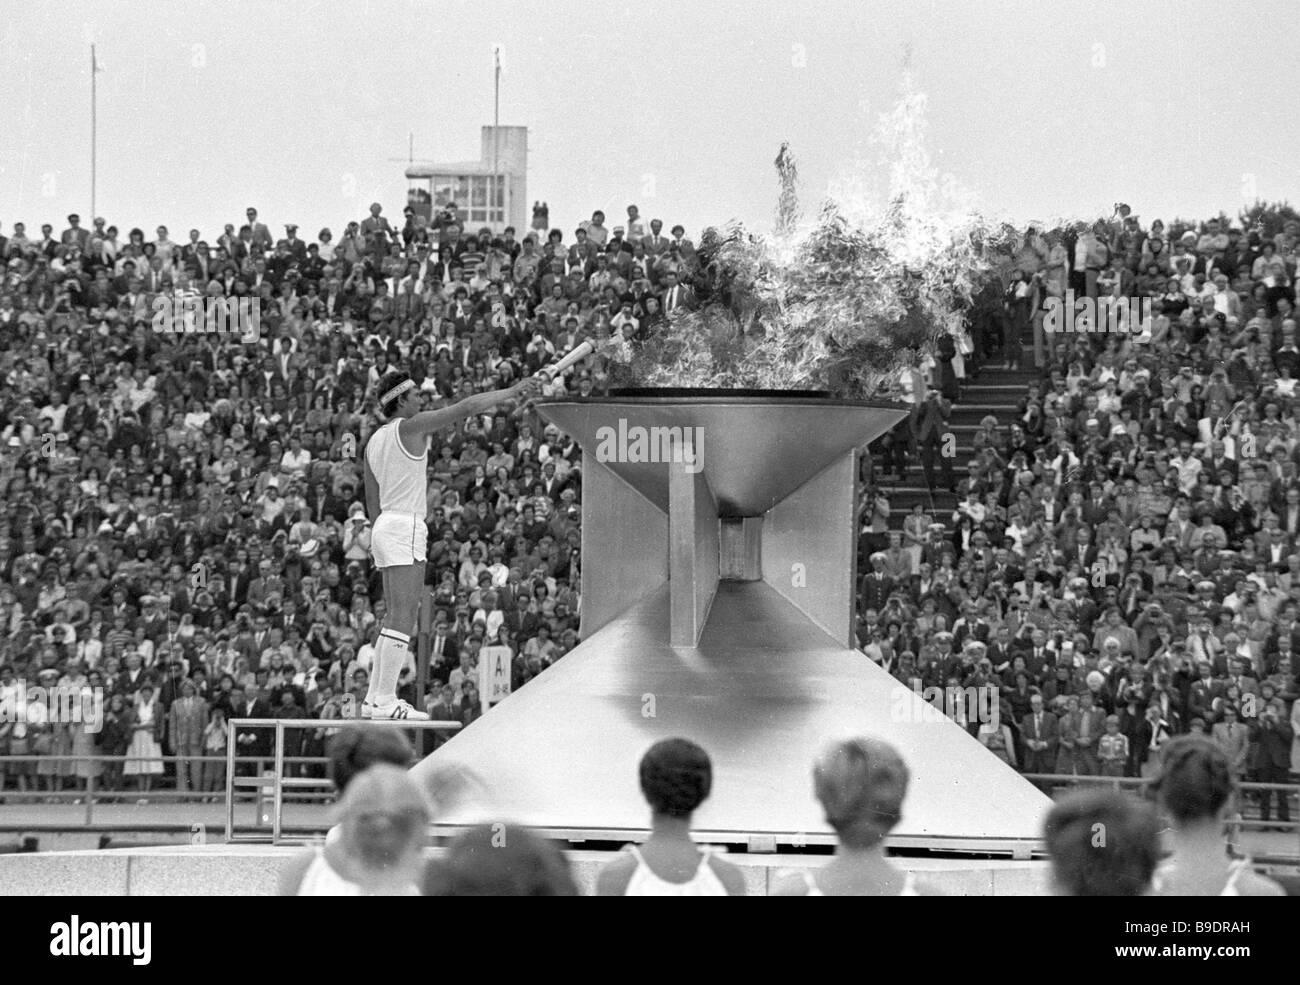 Vaiko Vooremaa DN Klasse junior Yachting Weltmeister Beleuchtung das Olympische Feuer bei der 22. Olympischen Regatta Stockfoto